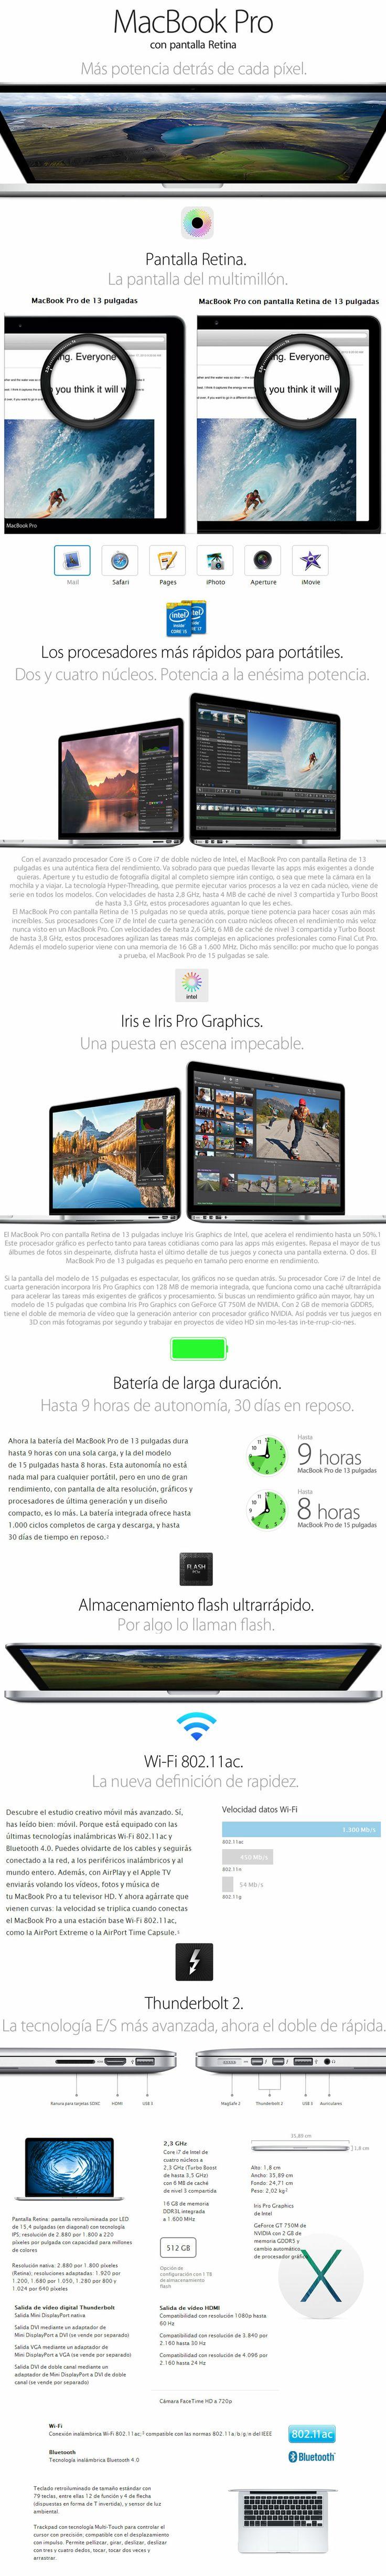 comprar apple macbook pro me294ll/a en argentina